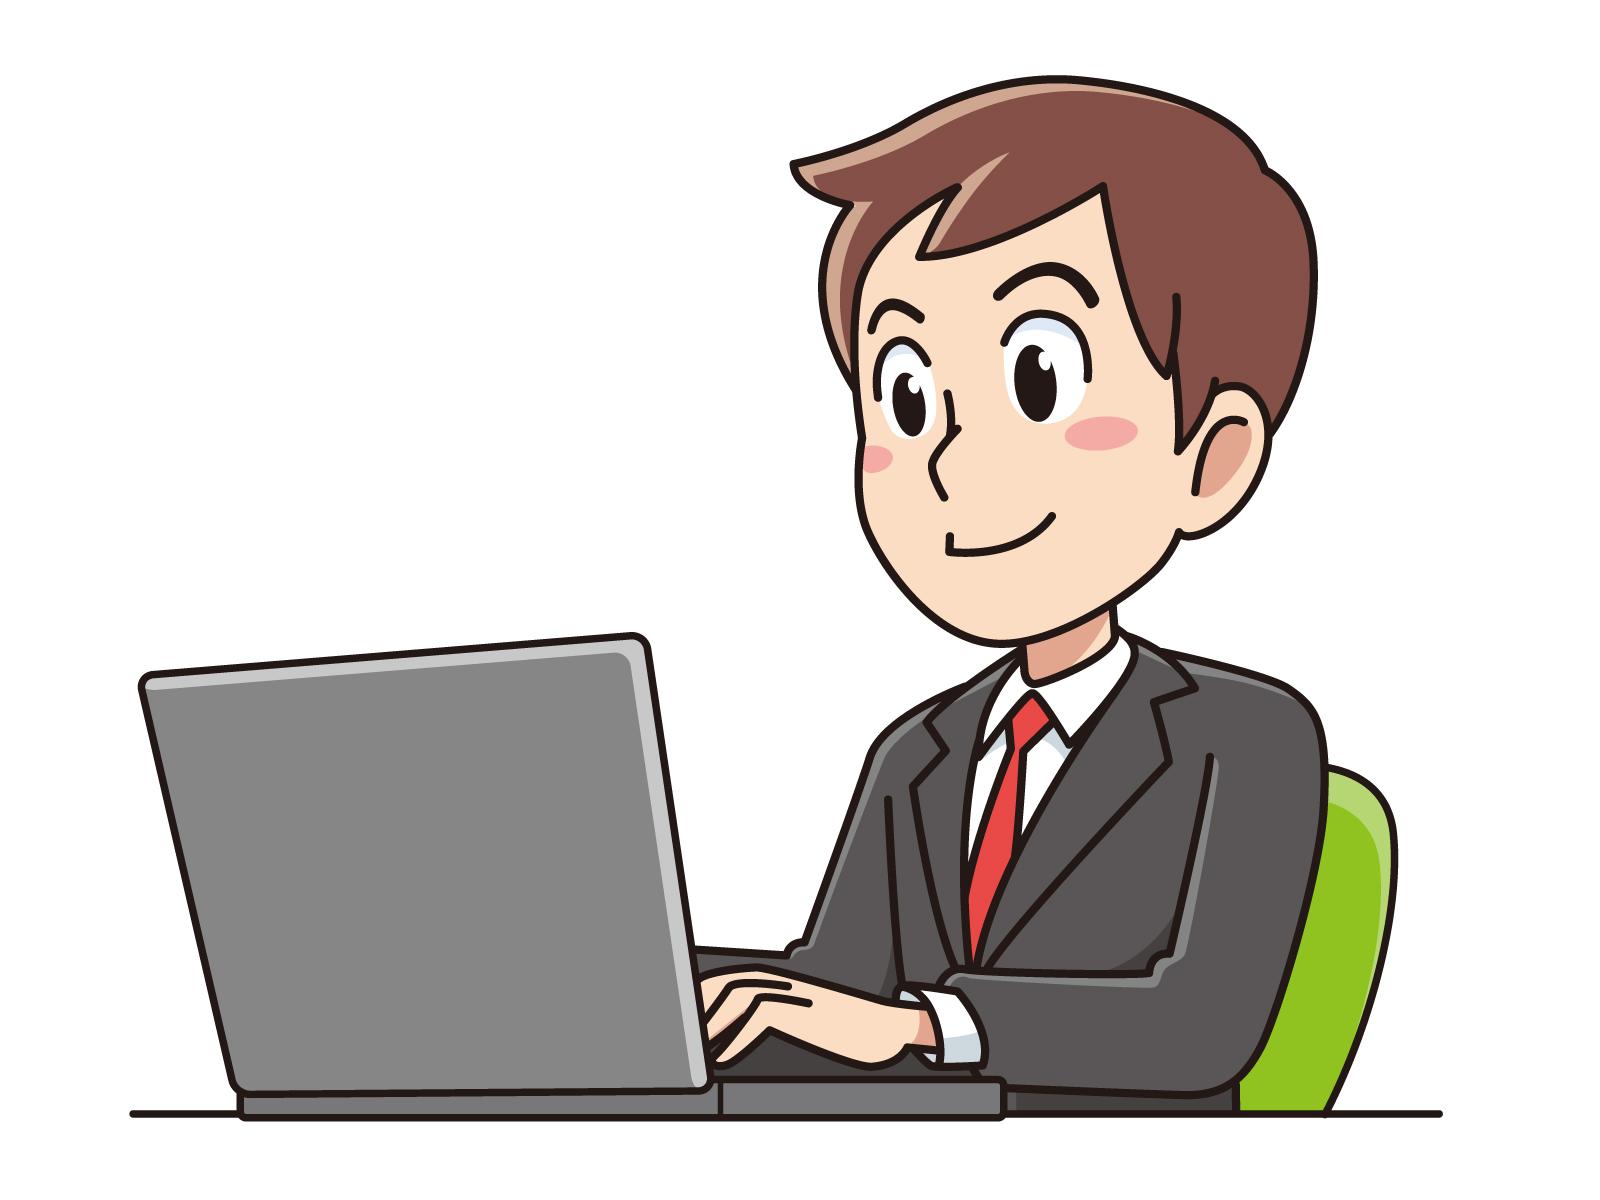 在宅で稼げるWebライターになるには?仕事の受け方や営業のコツを紹介!